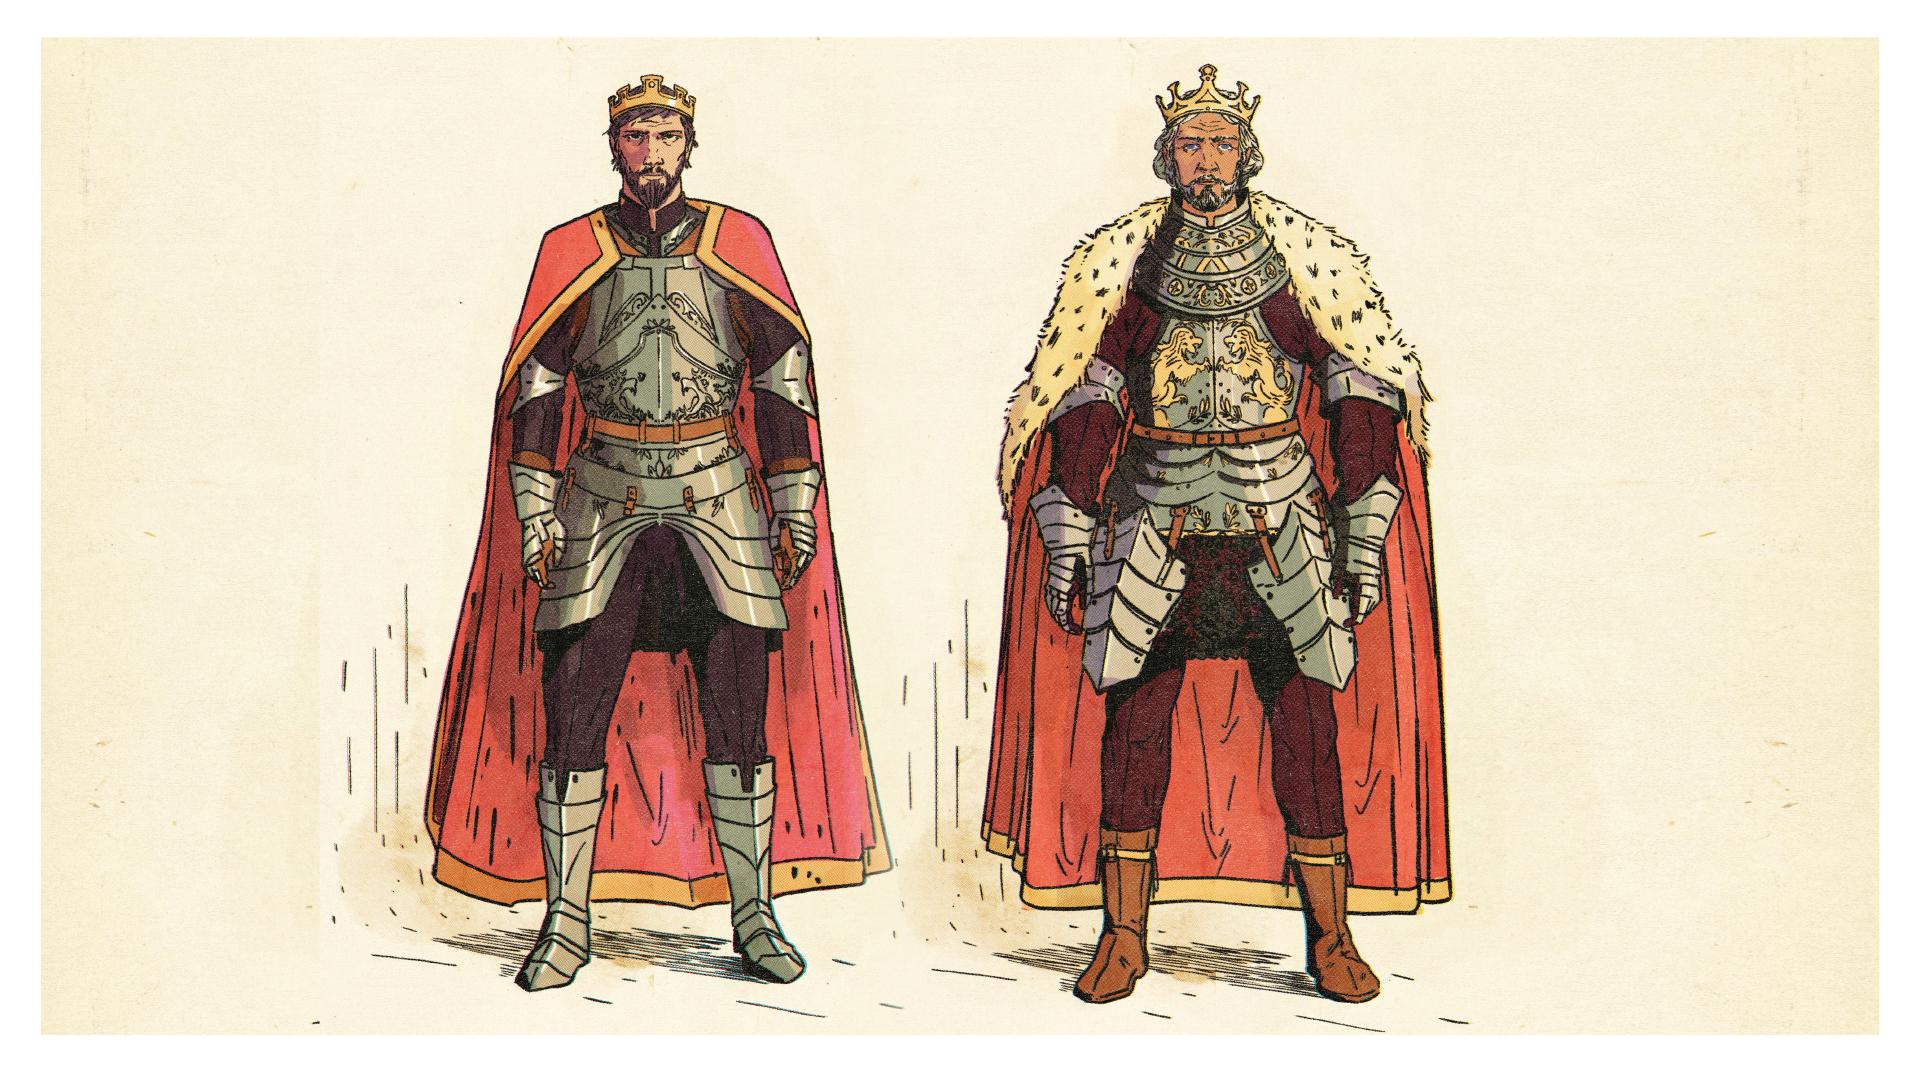 King Arthur & Uther Pendragon